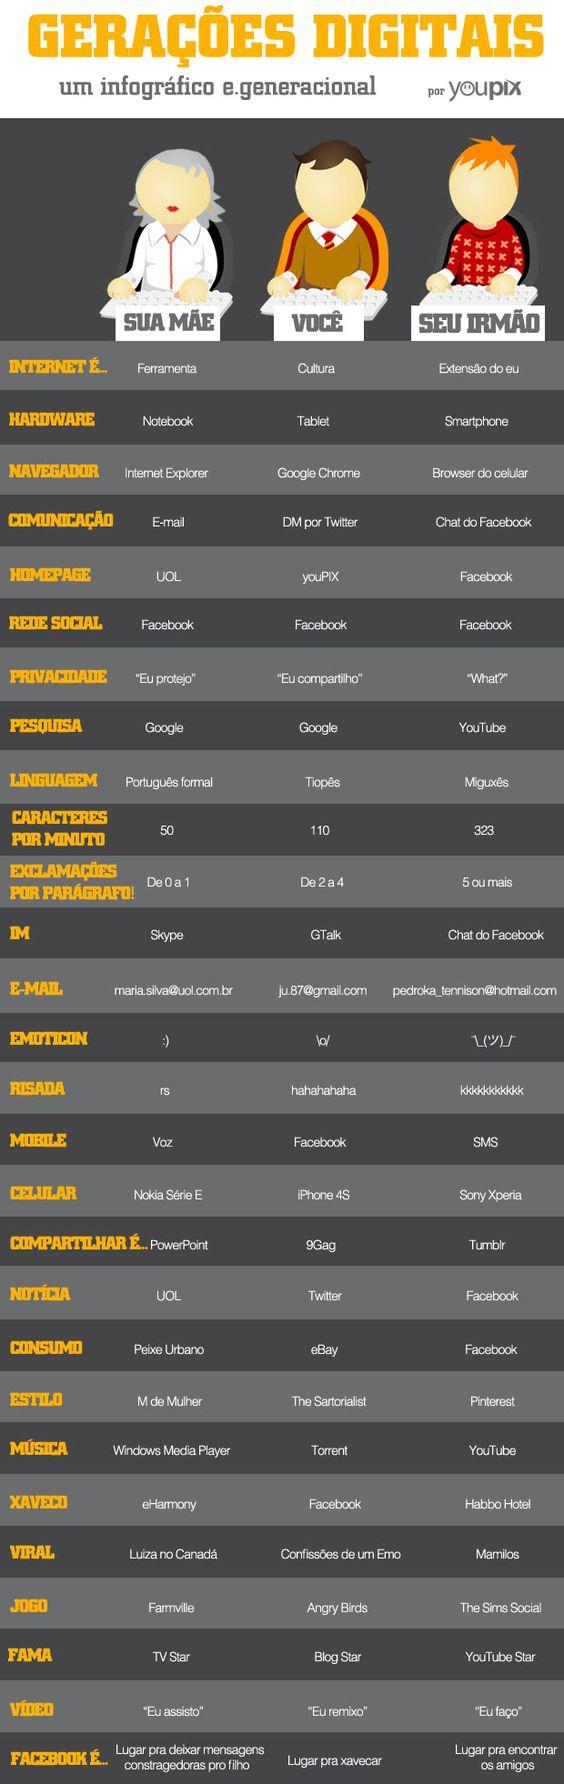 Infográfico totalmente excelente do @youpix falando sobre as gerações digitais: